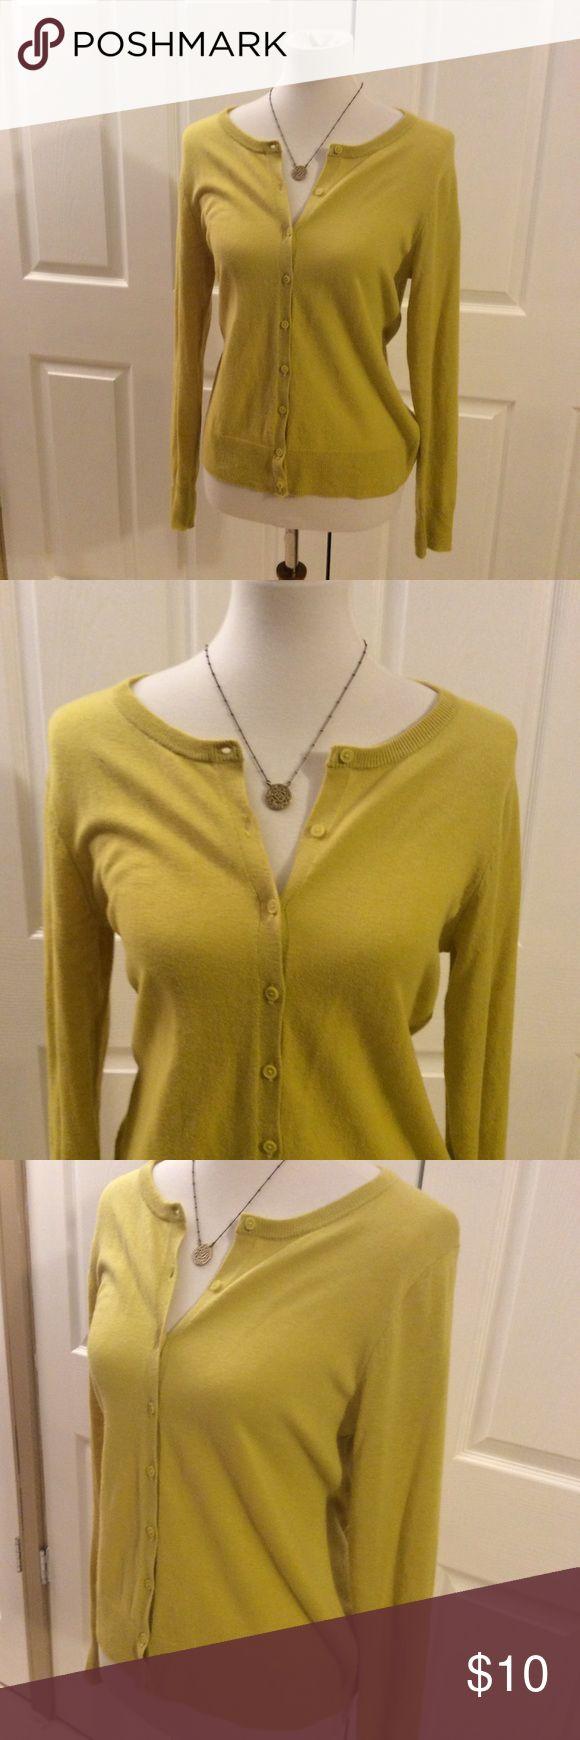 25  melhores ideias de Yellow cardigan sweater no Pinterest ...